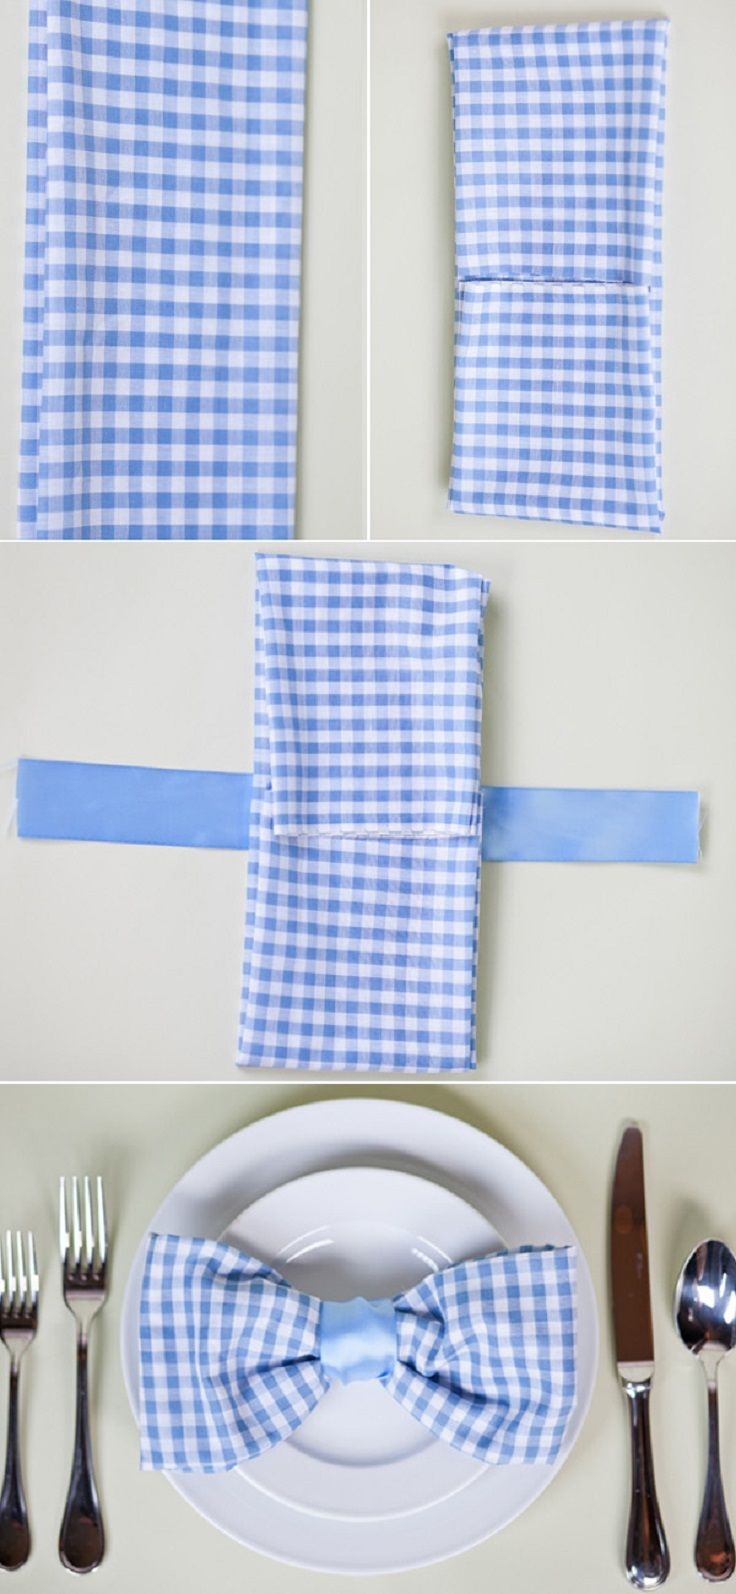 Top 10 Great Diy Napkin Folding Tutorials Pliage Serviette Mariage Pliage Serviette Et Pliage Serviette Noeud